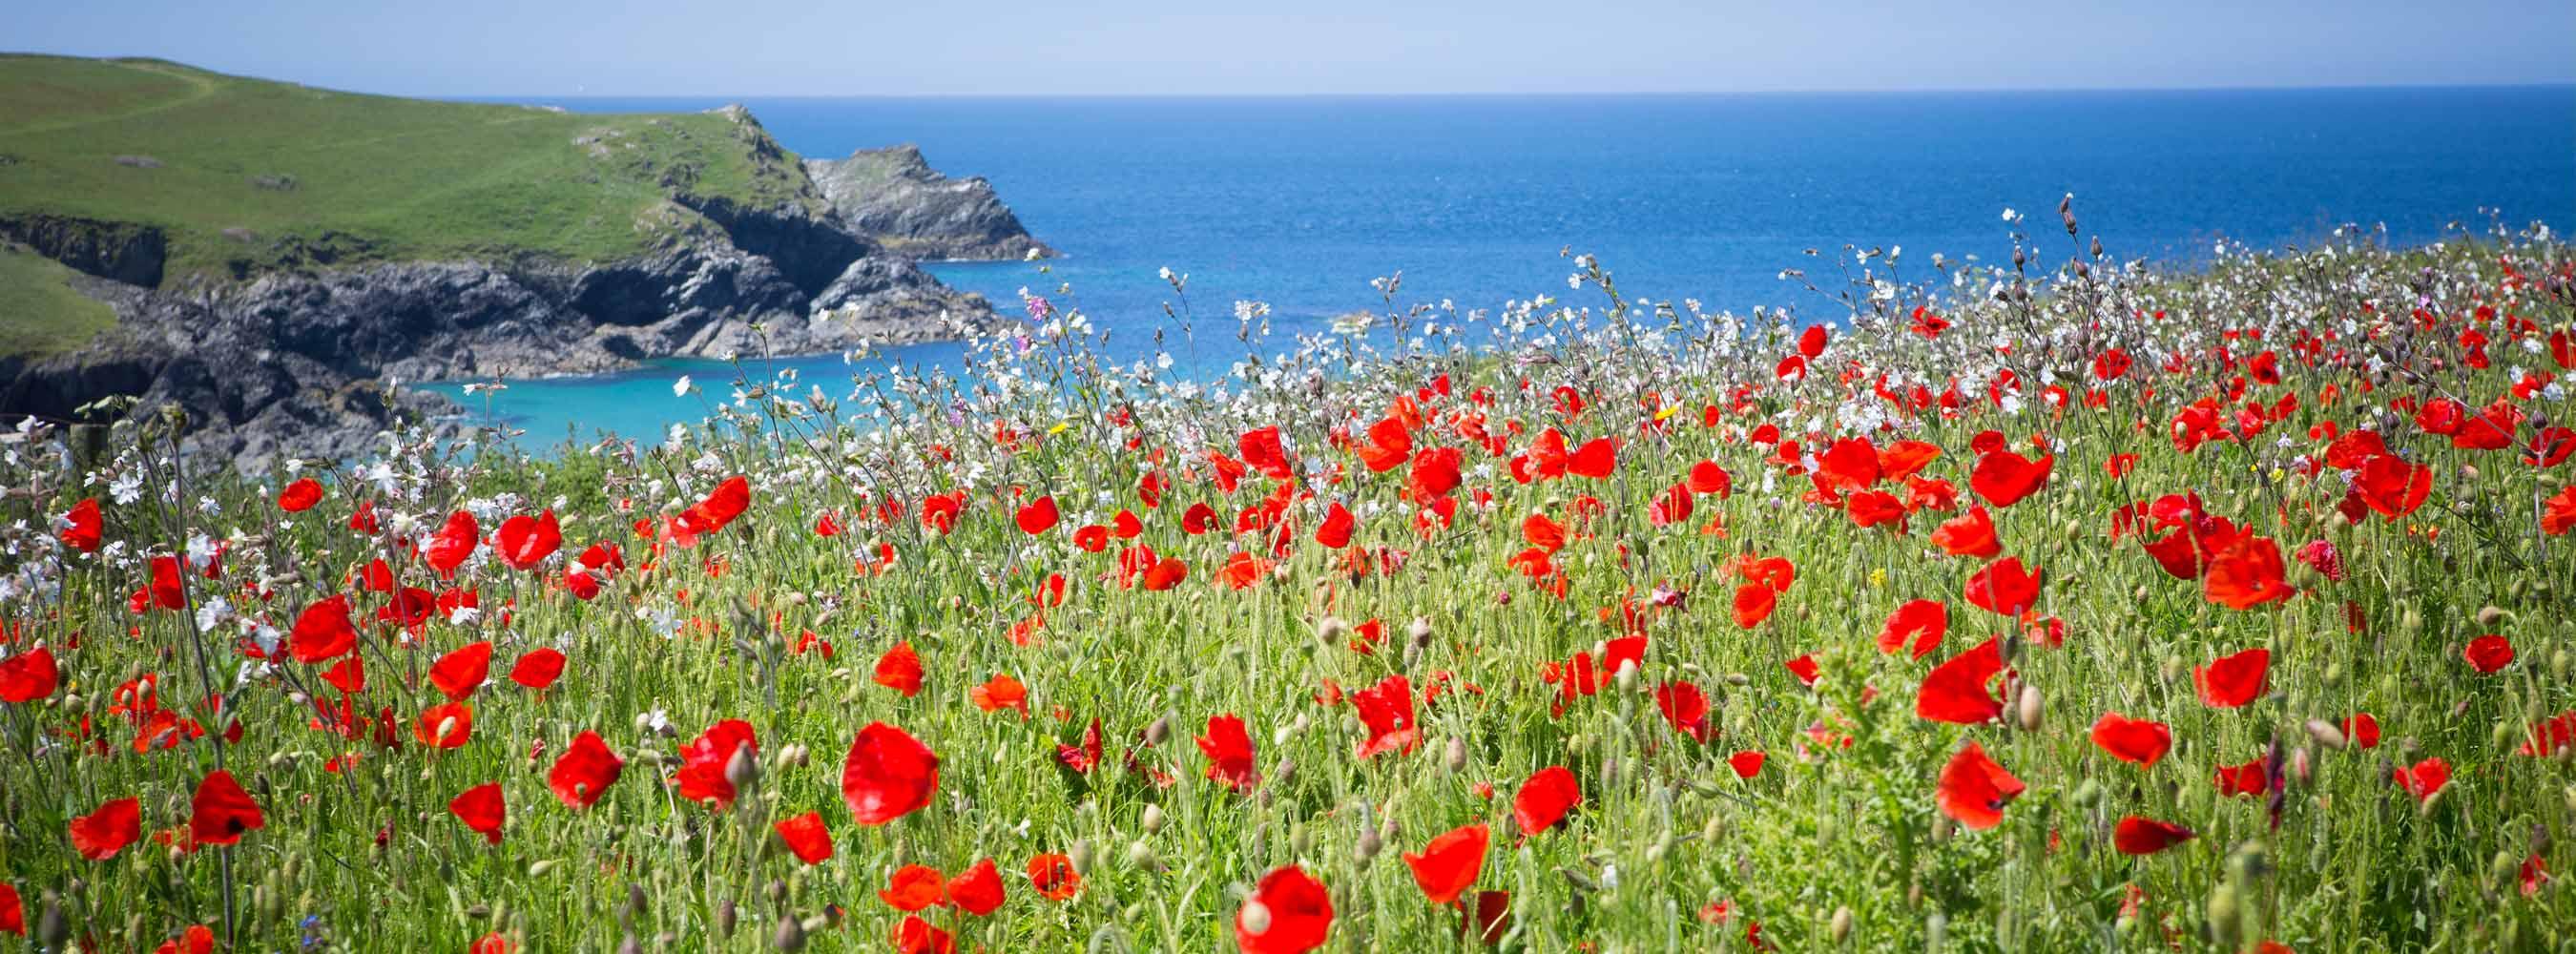 Location Poly Joke Coastal Poppies